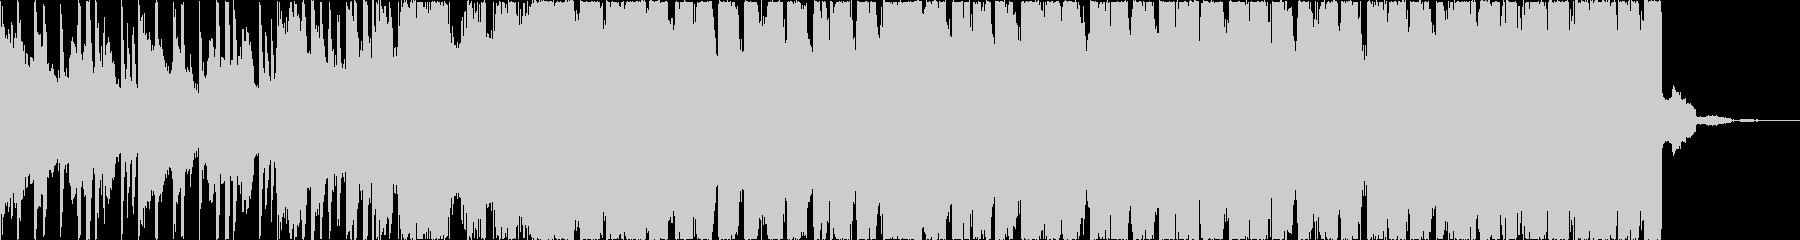 チルアウトクールなトロピカルハウスcの未再生の波形